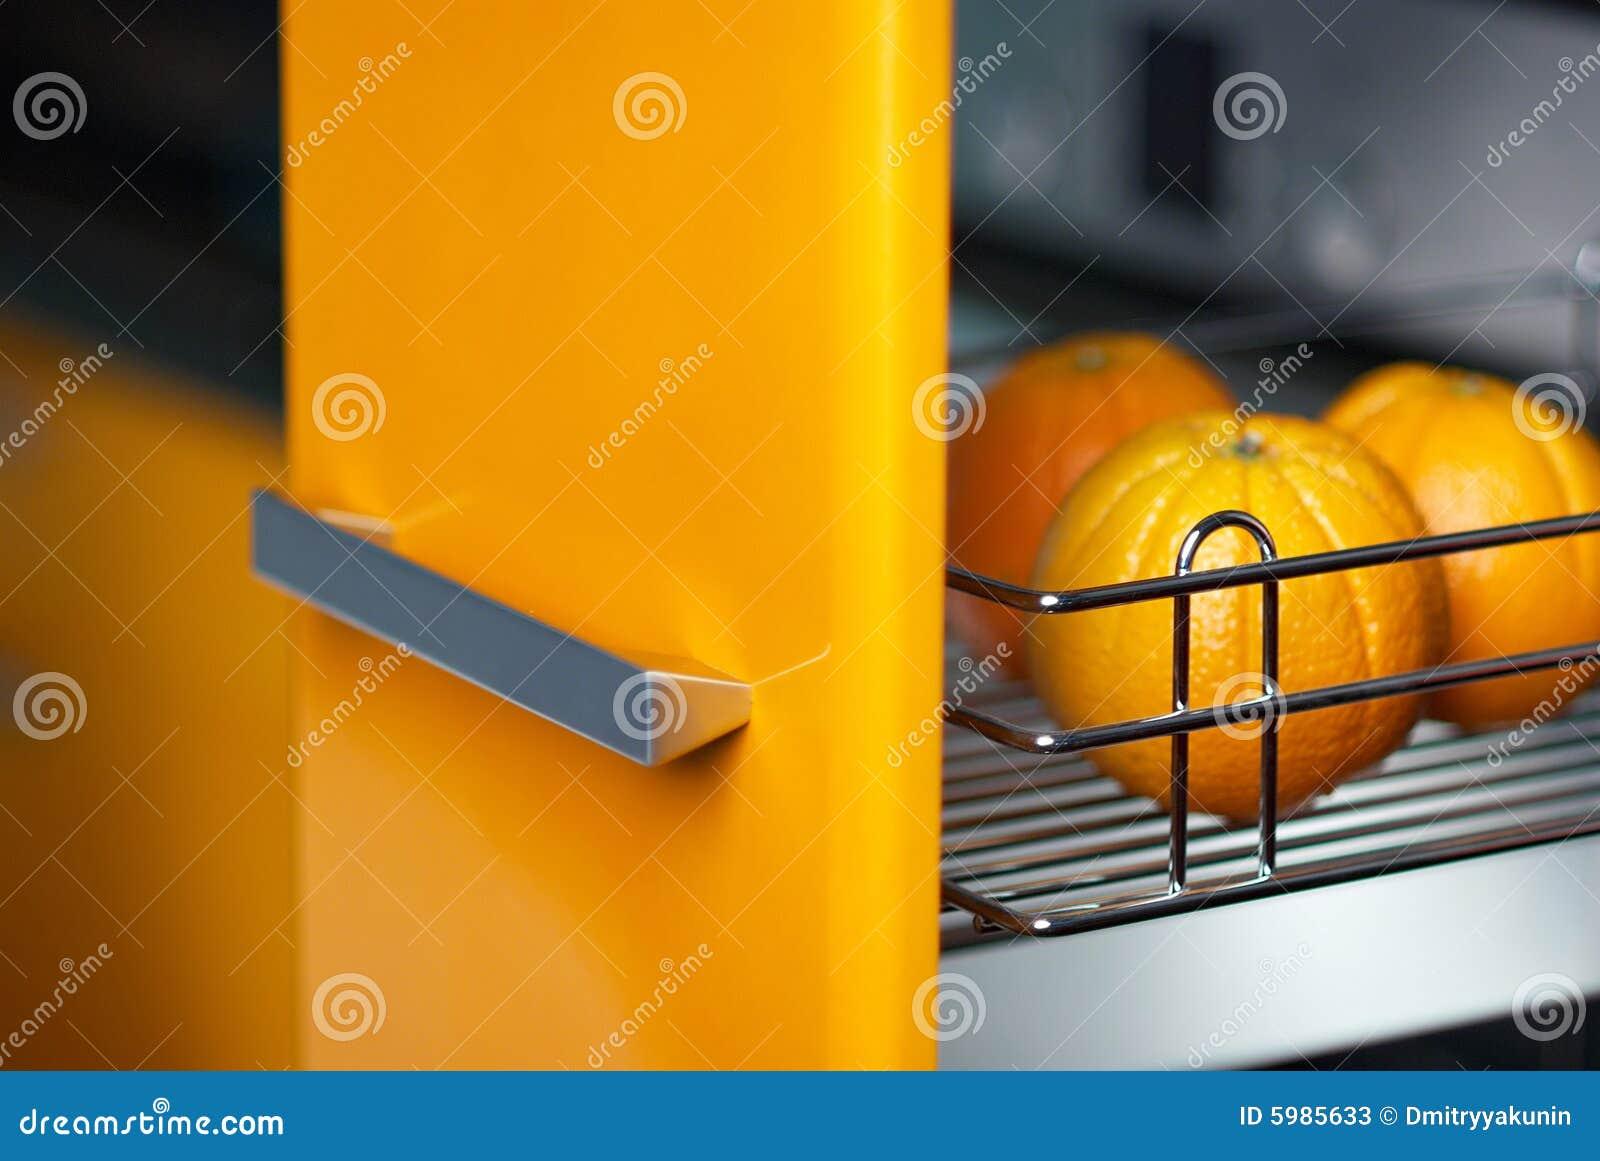 Naranja en cocina en refrigerador imagen de archivo for Cocina y refrigerador juntos